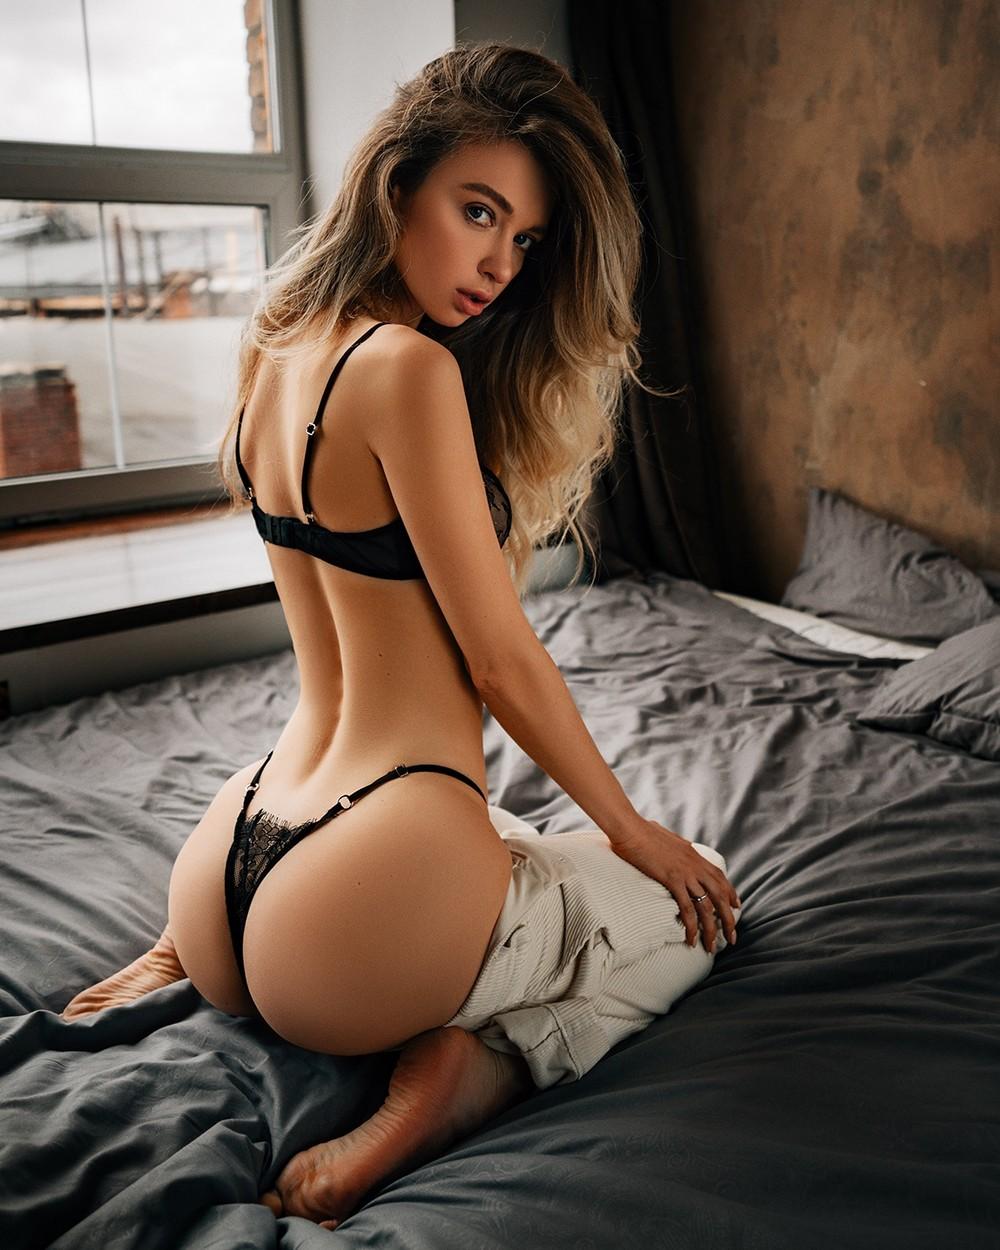 Красивые девушки в нижнем белье (ФОТО)